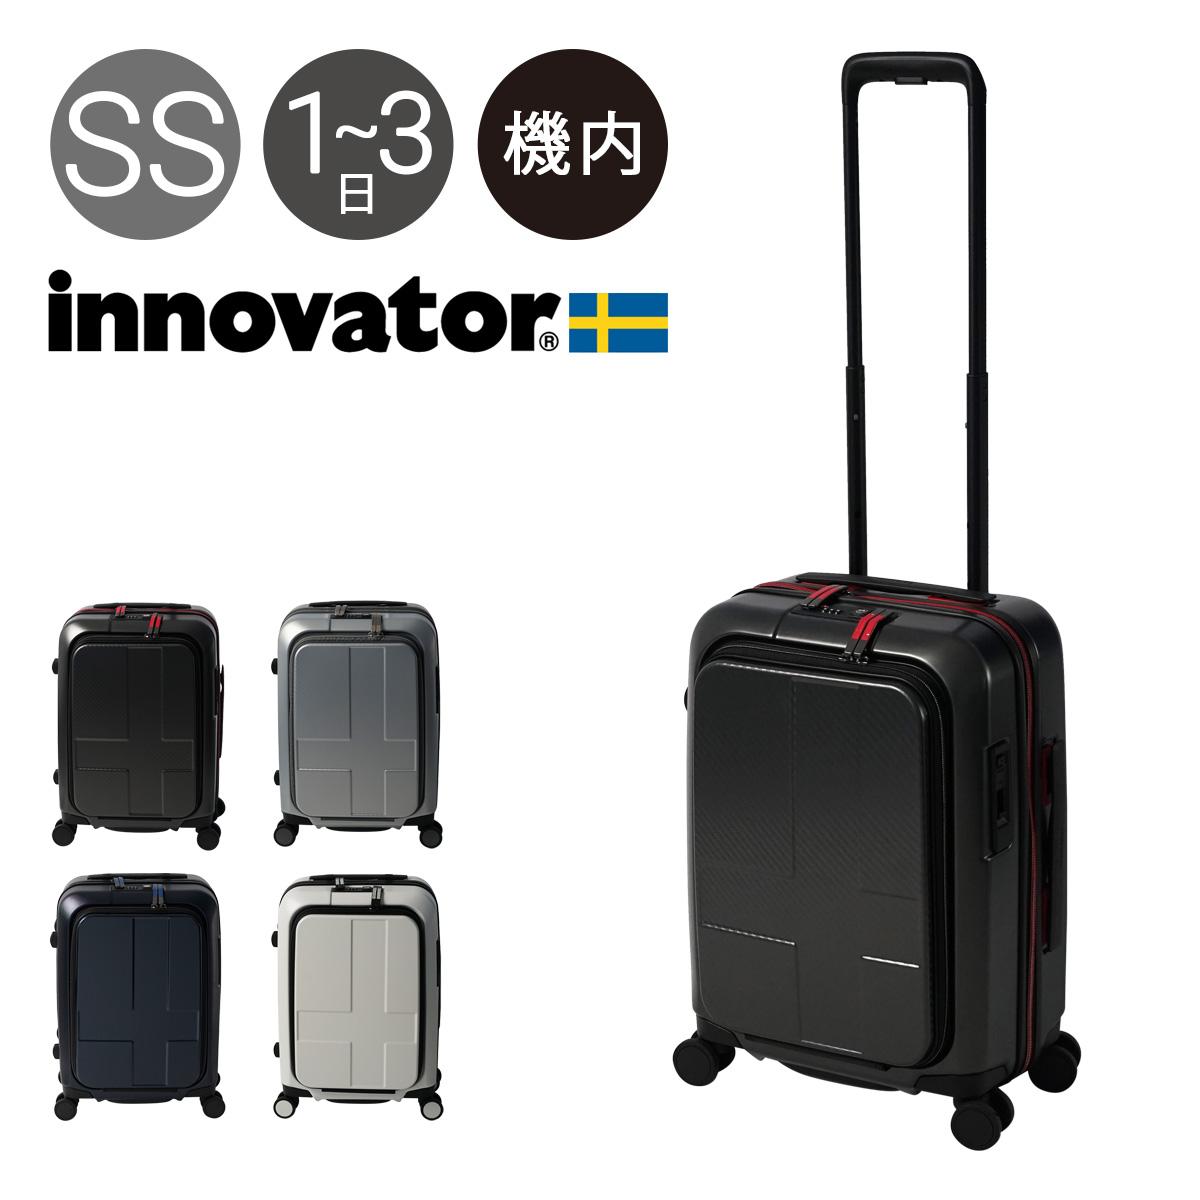 イノベーター スーツケース 機内持ち込み 36L 48cm 3.3kg IND271 innovator 当社限定 別注モデル ハード ファスナー キャリーバッグ キャリーケース ビジネスキャリー フロントオープン ストッパー付き[PO5]